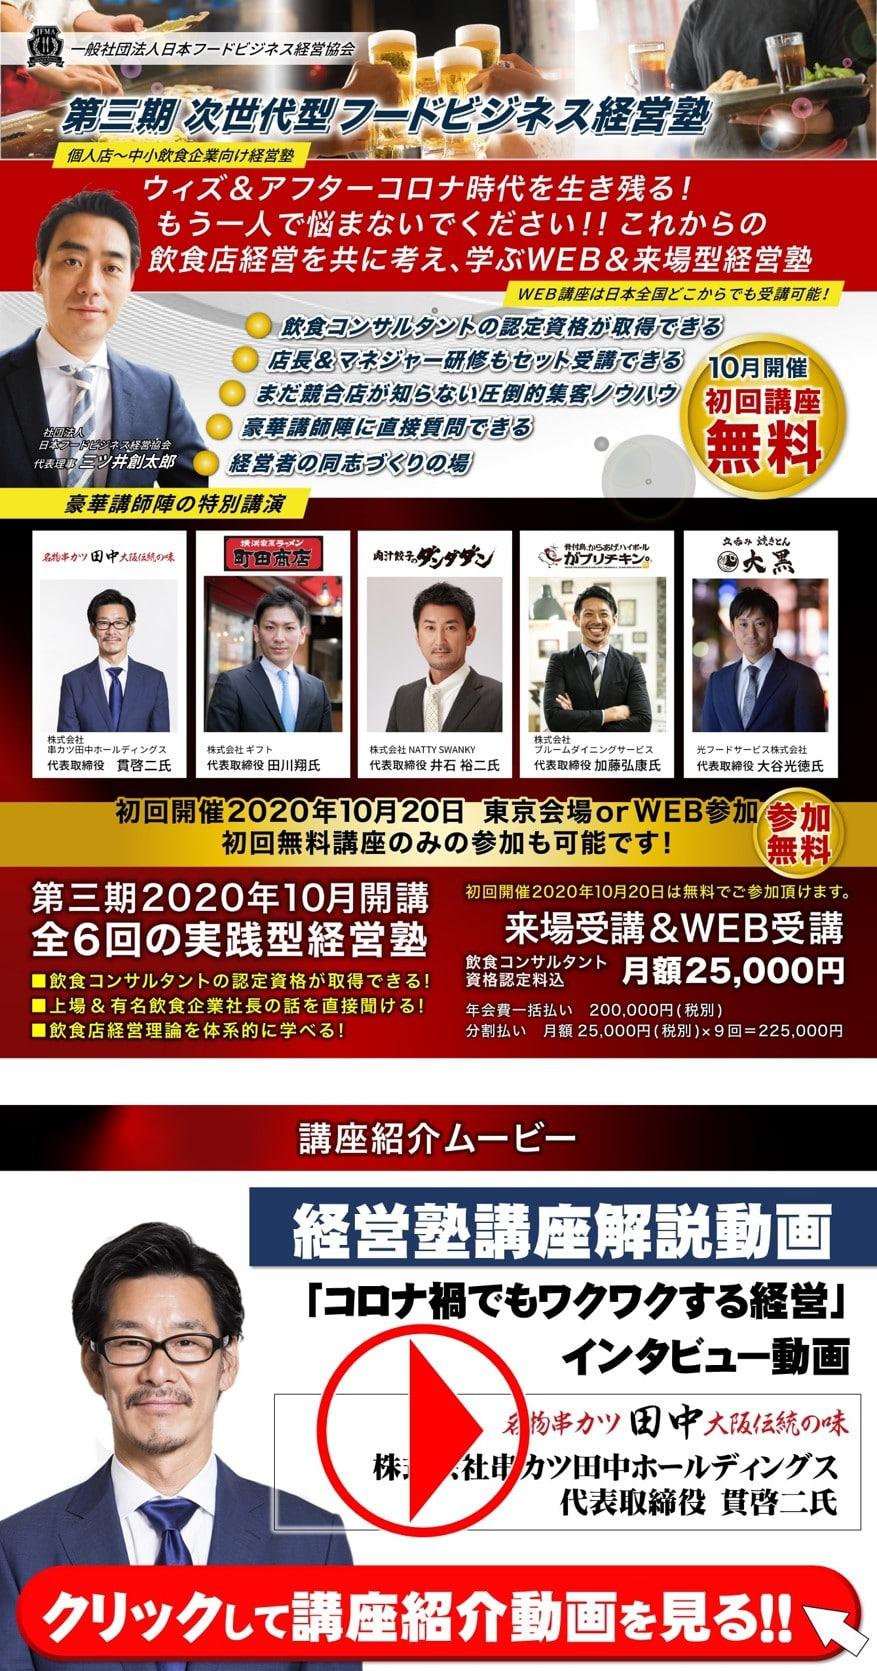 次世代型フードビジネス経営塾|一般社団法人日本フードビジネス経営協会